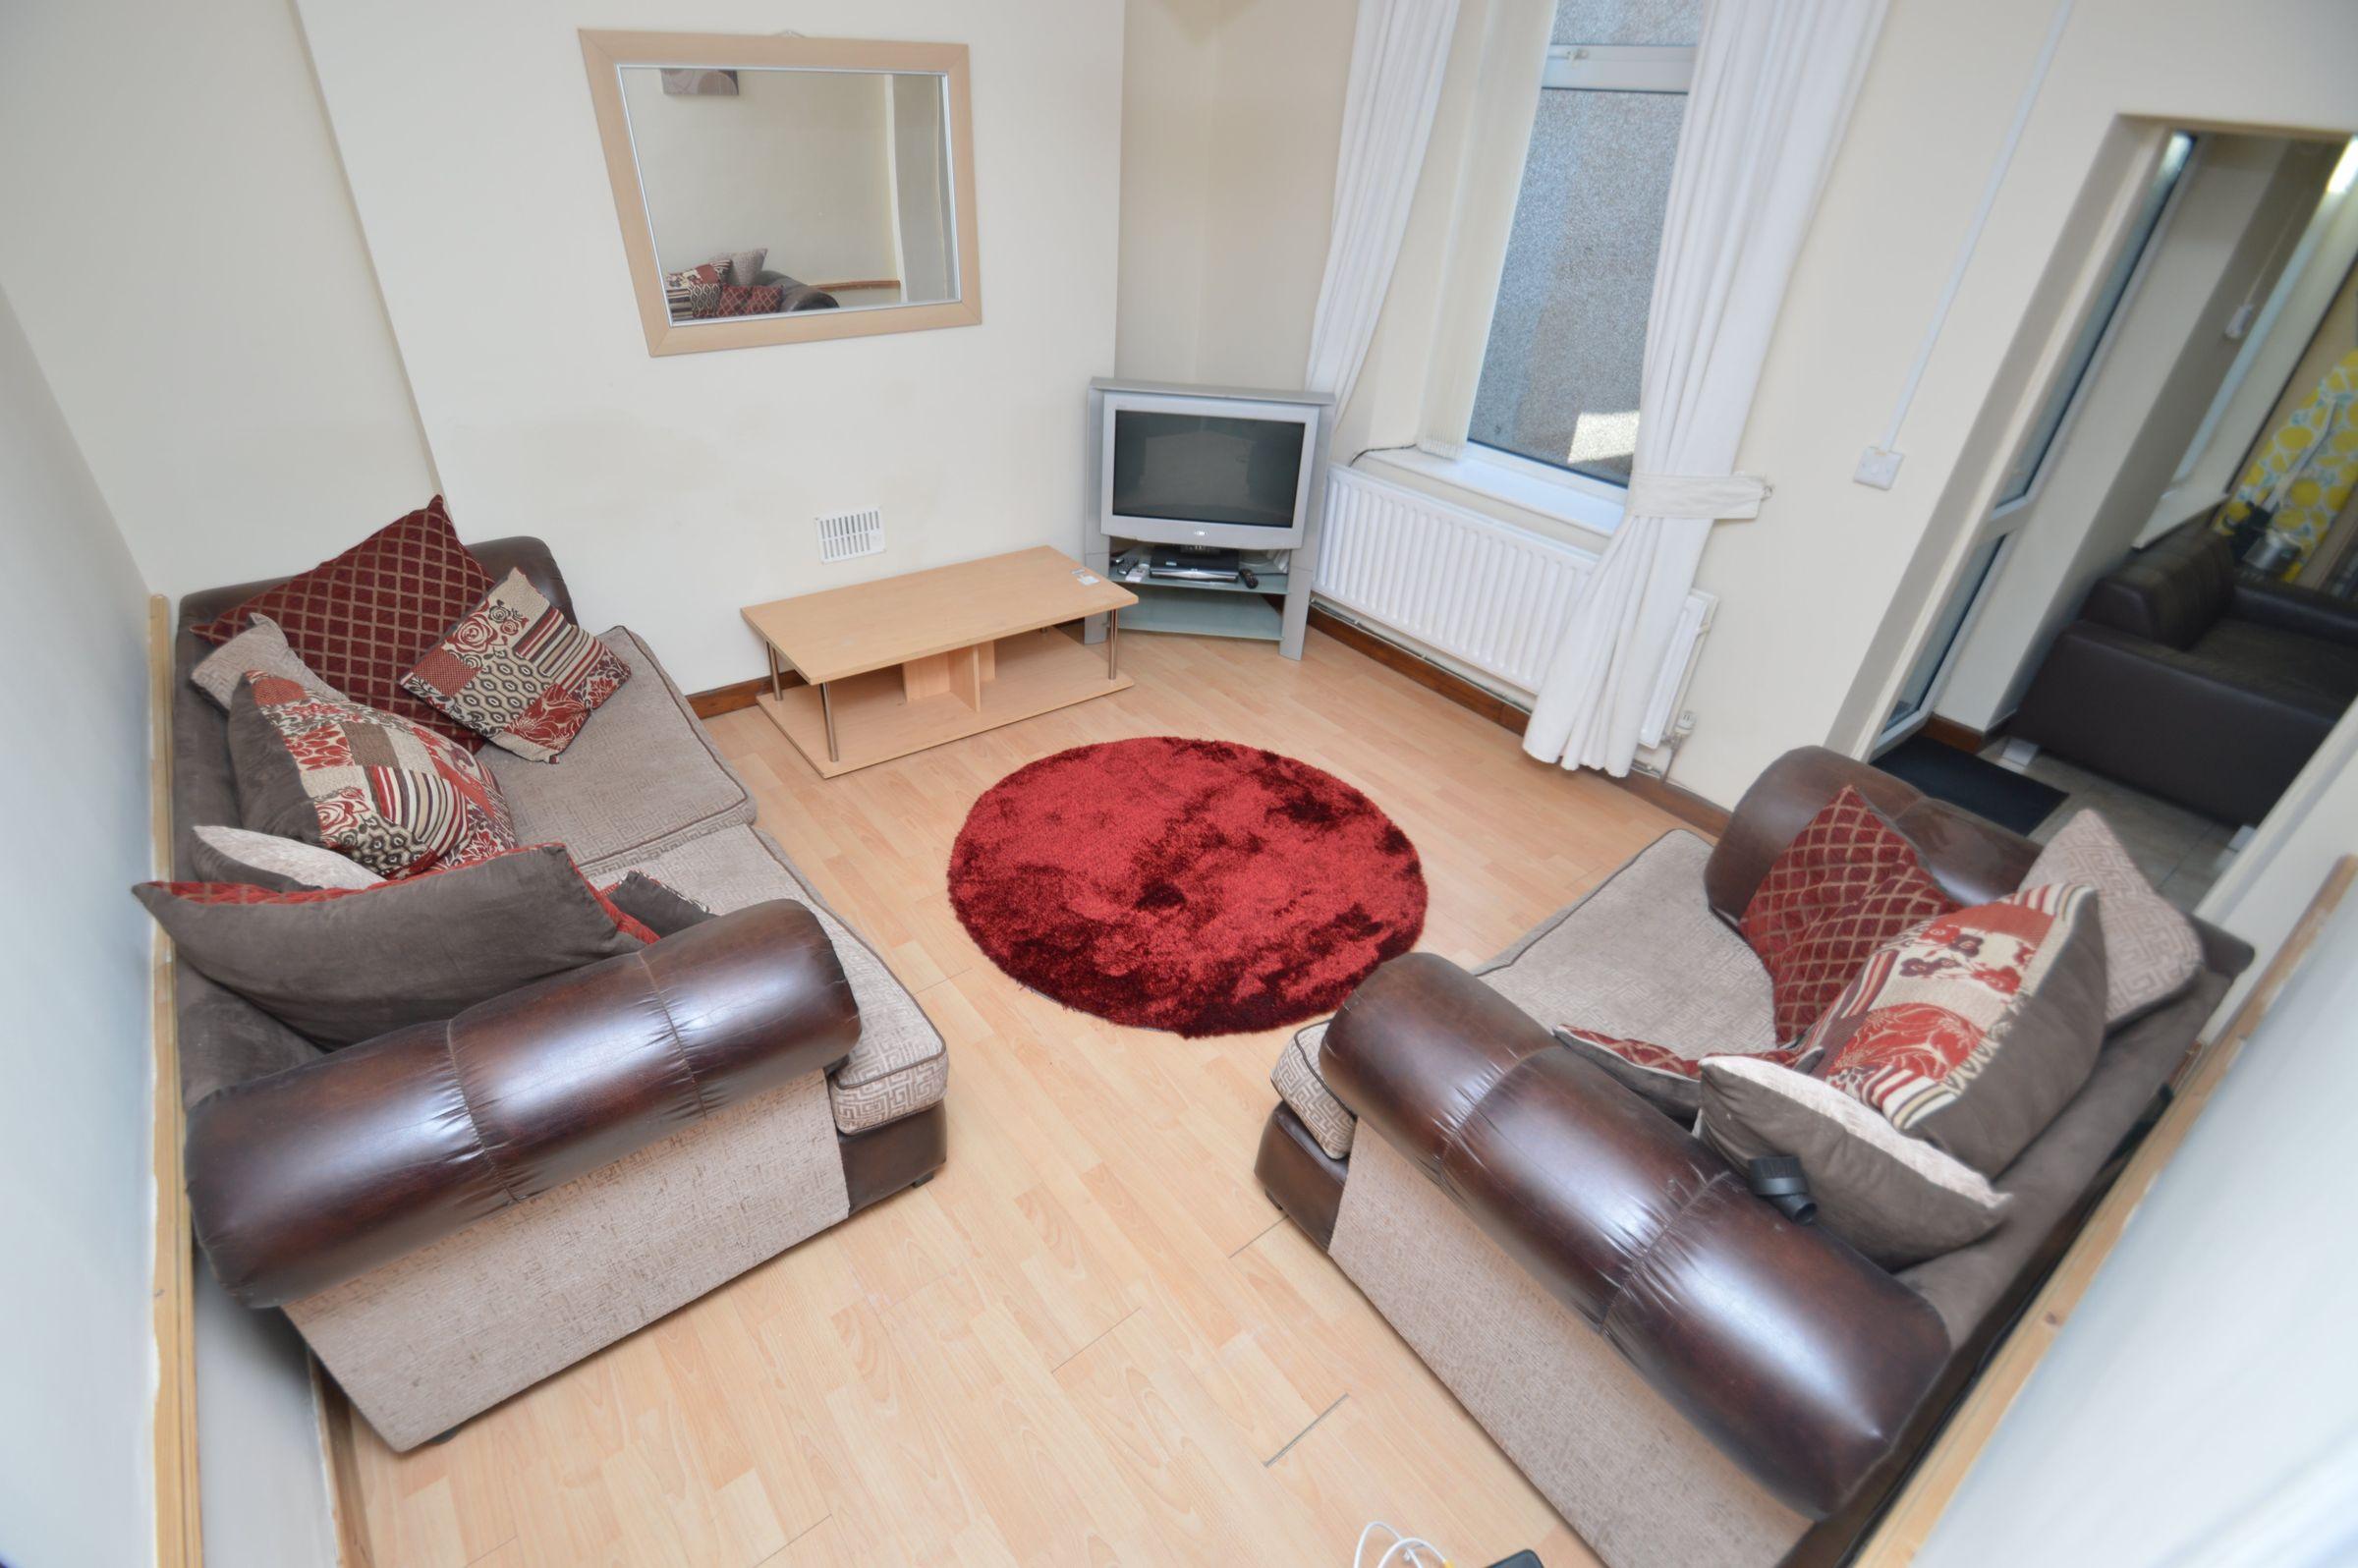 Property photo 1 of 12. Dsc_1363